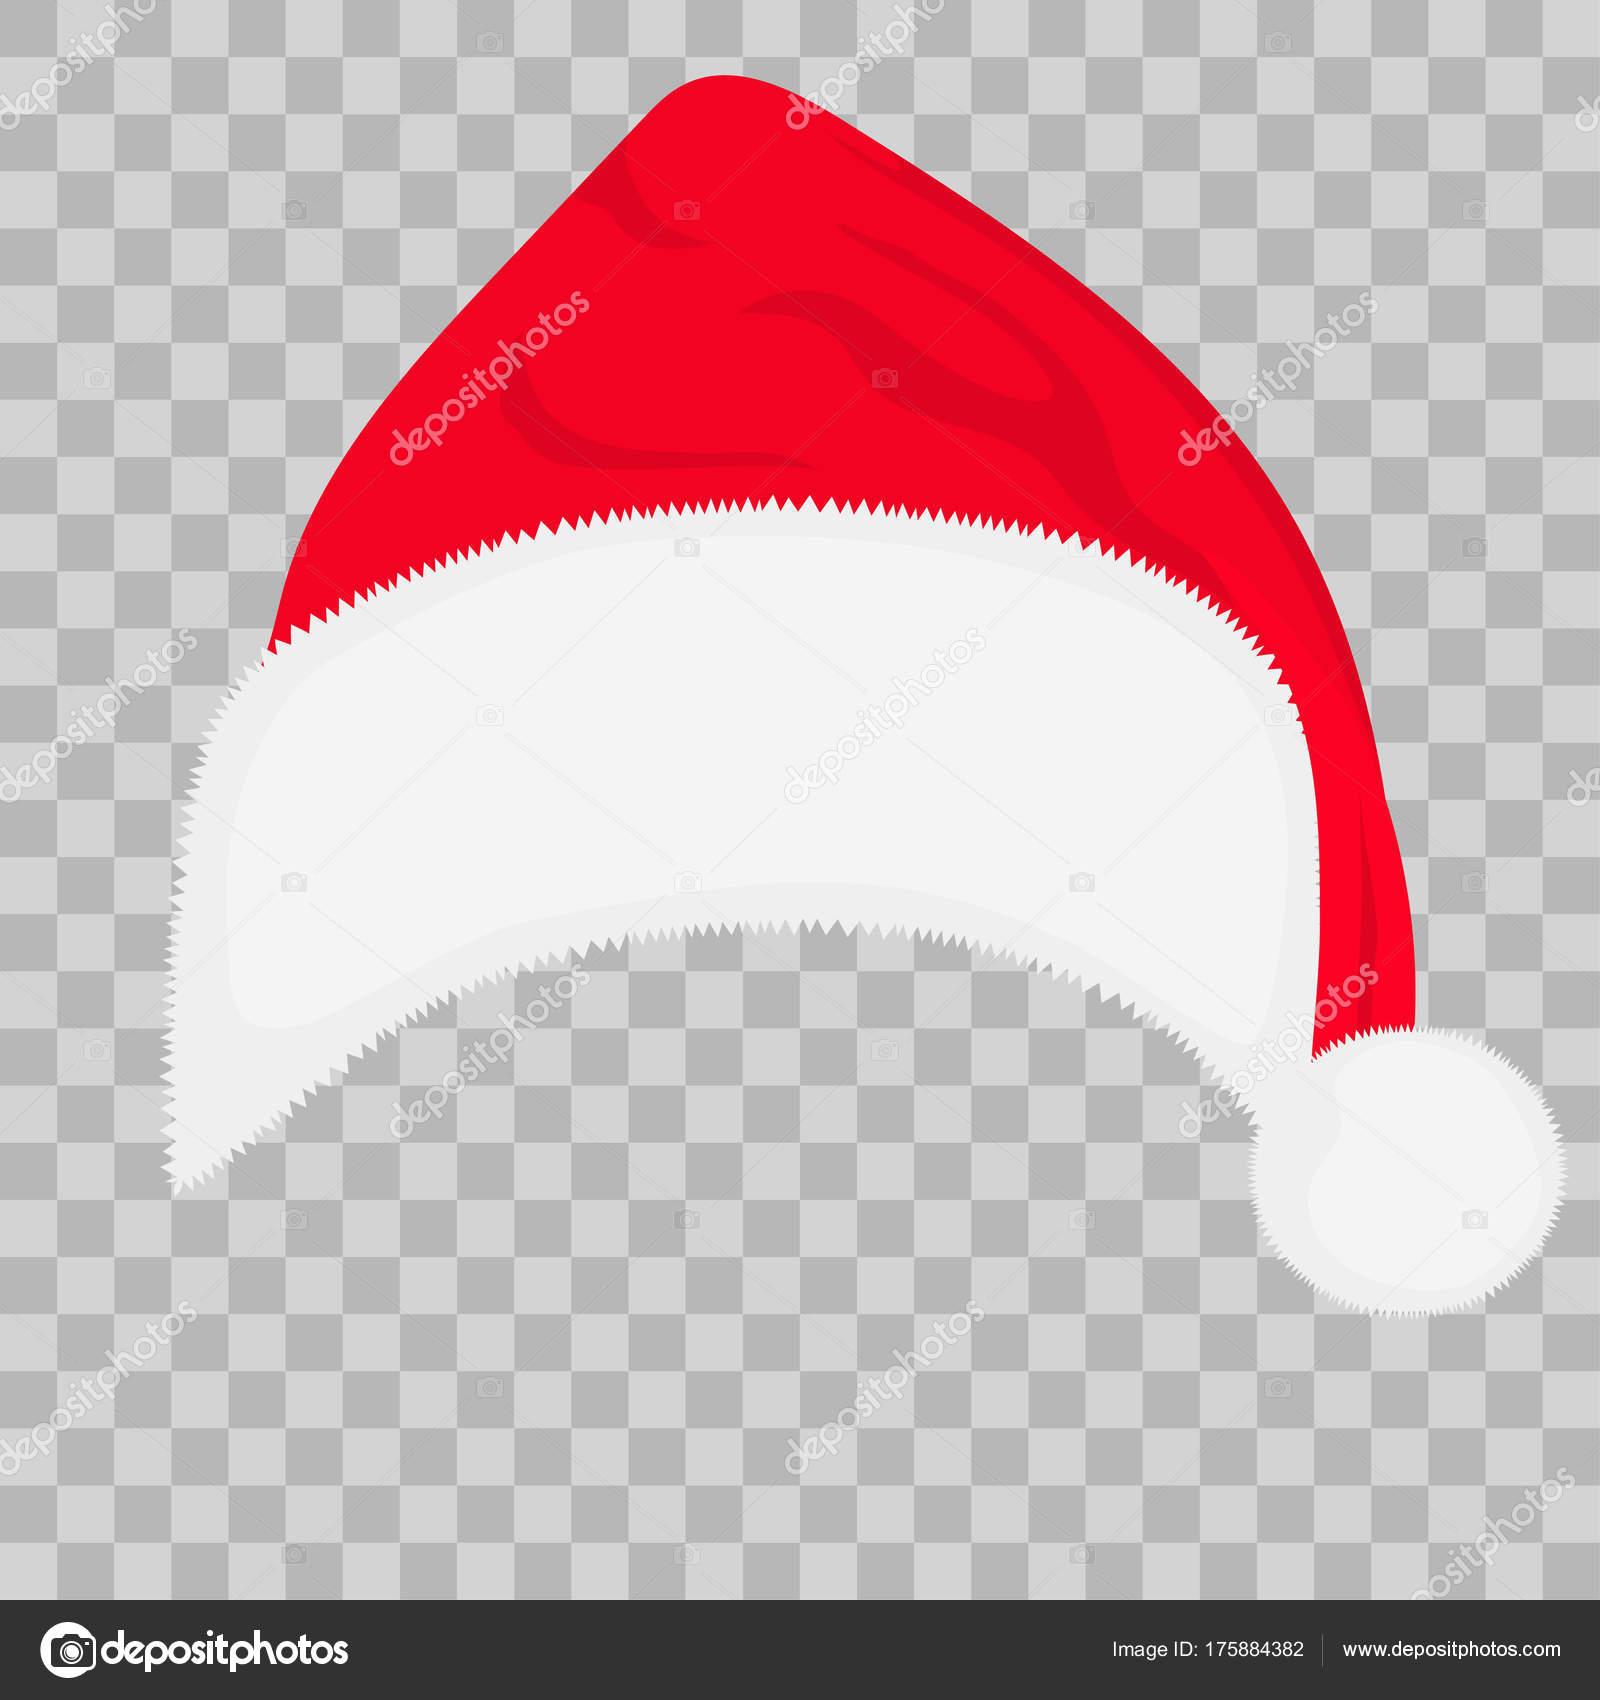 Background santa hat transparent